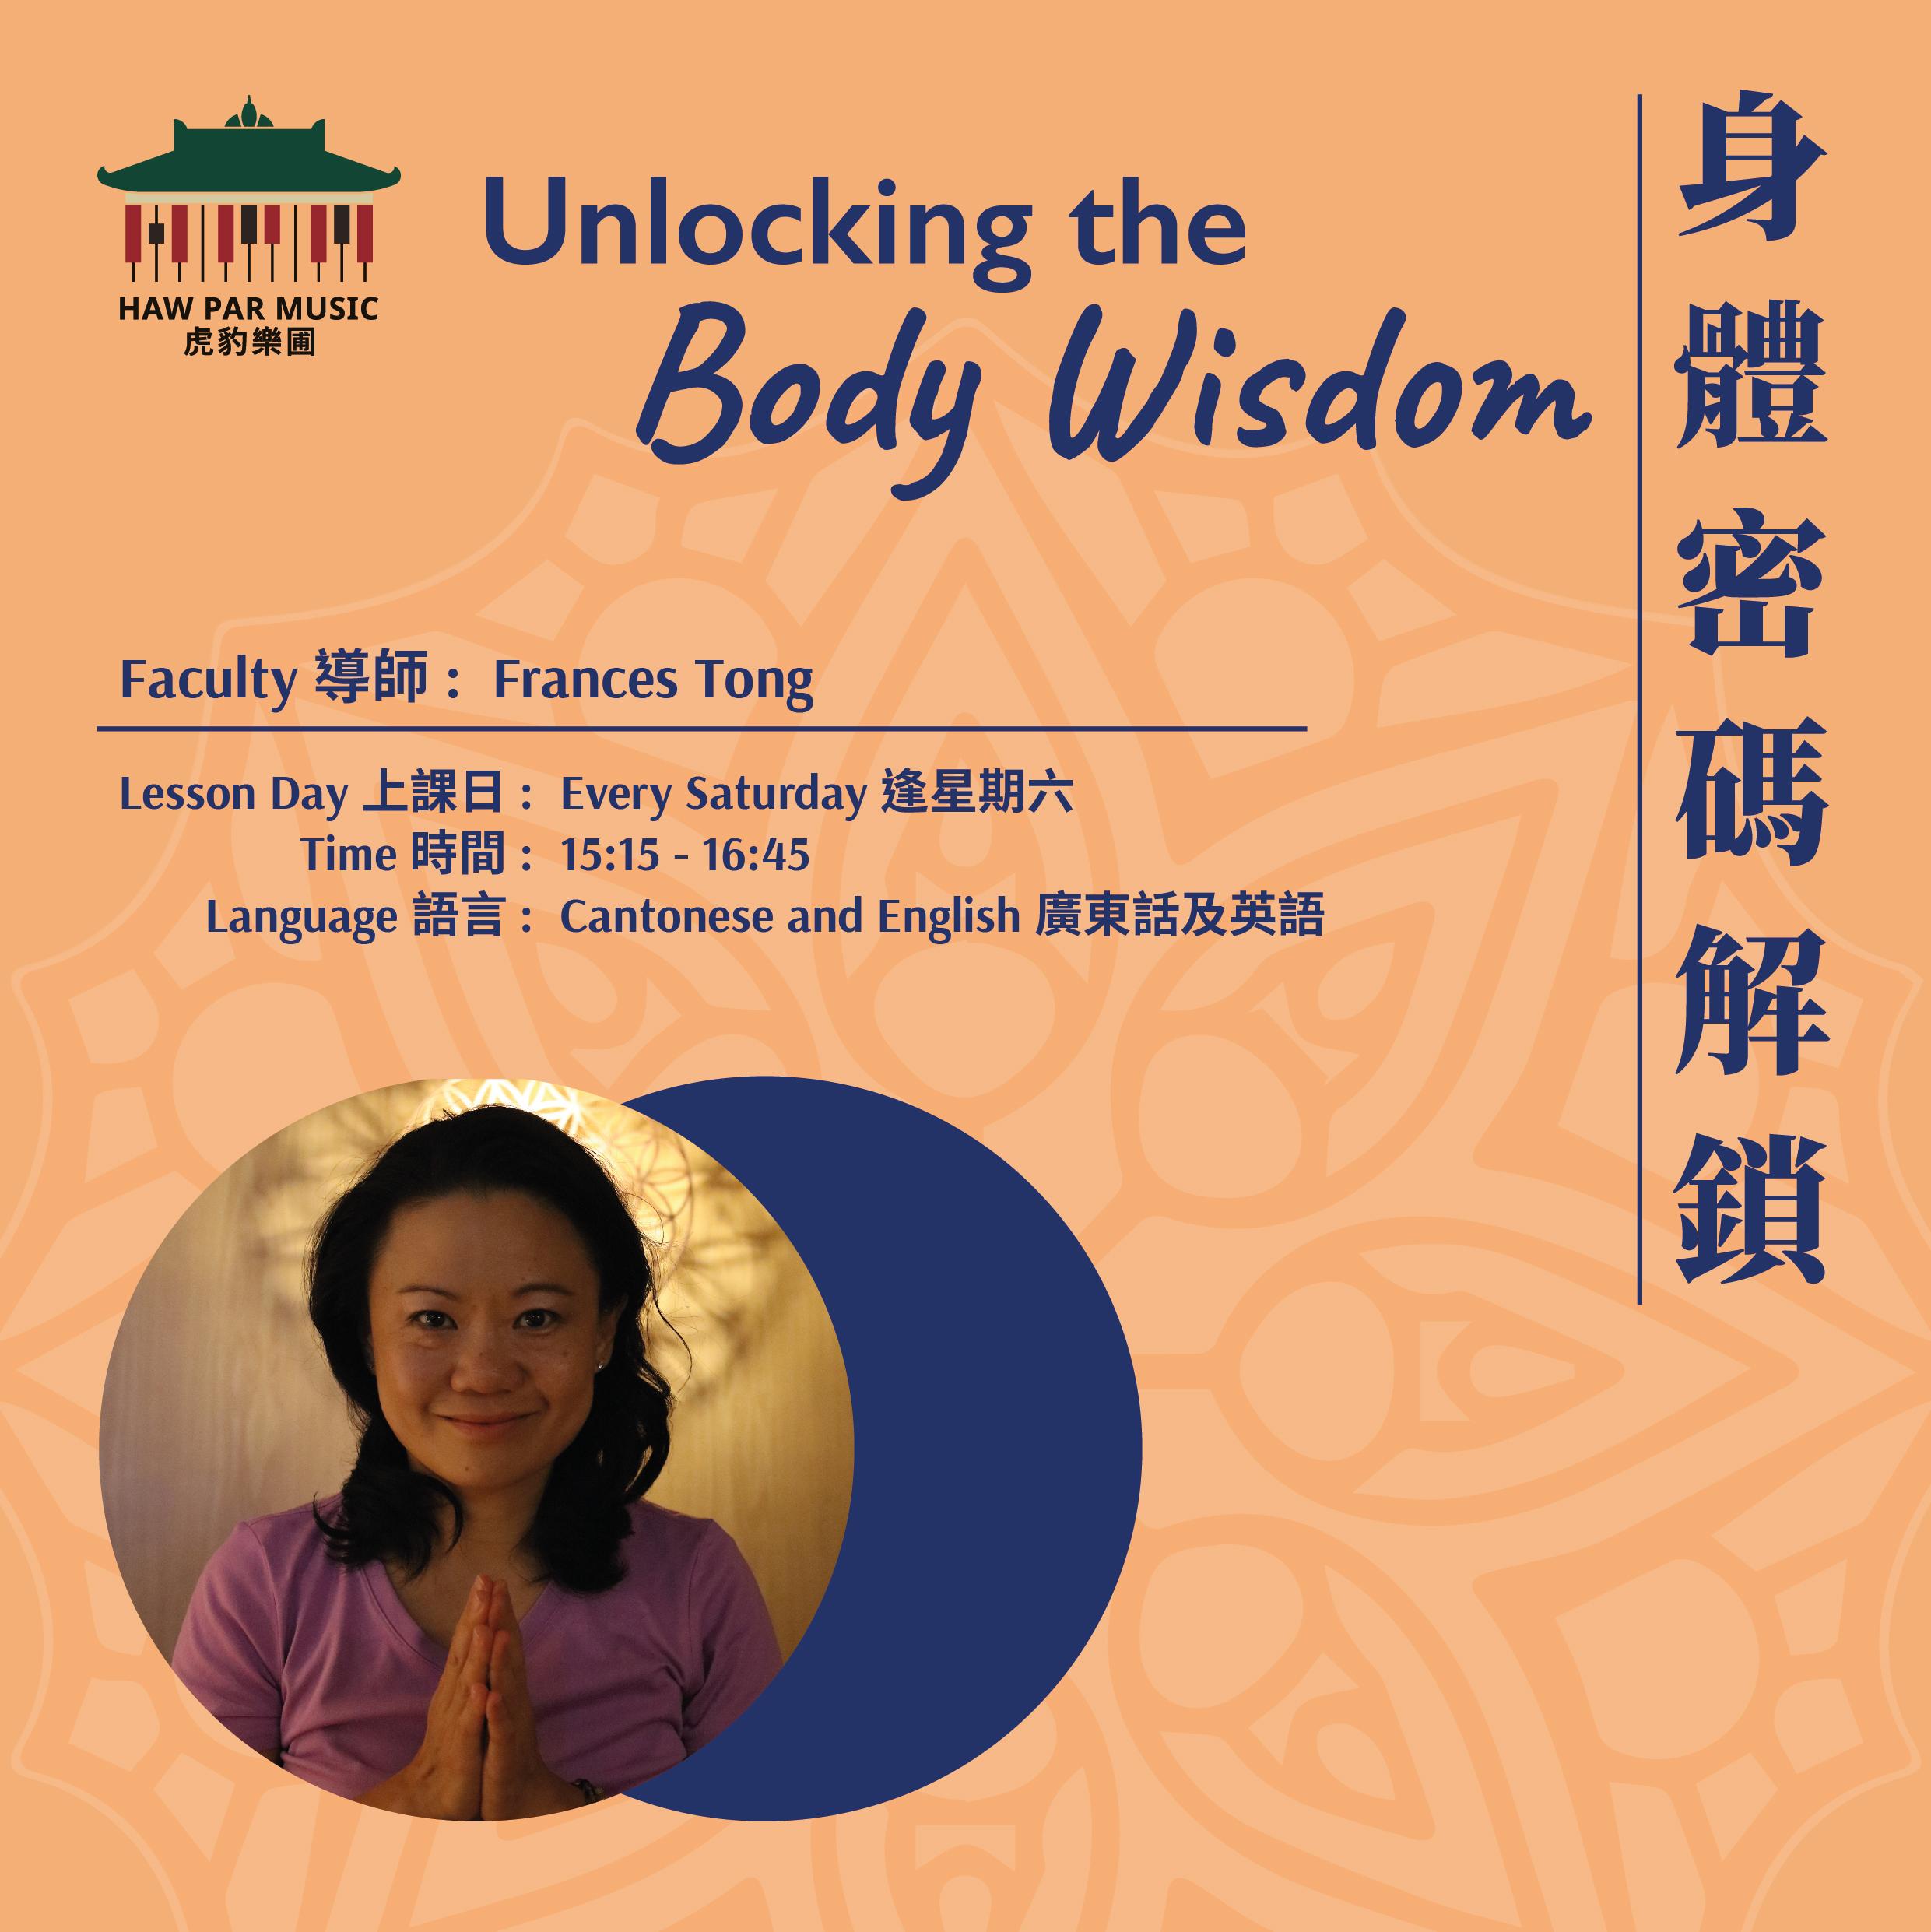 Unlocking the Body Wisdom-02